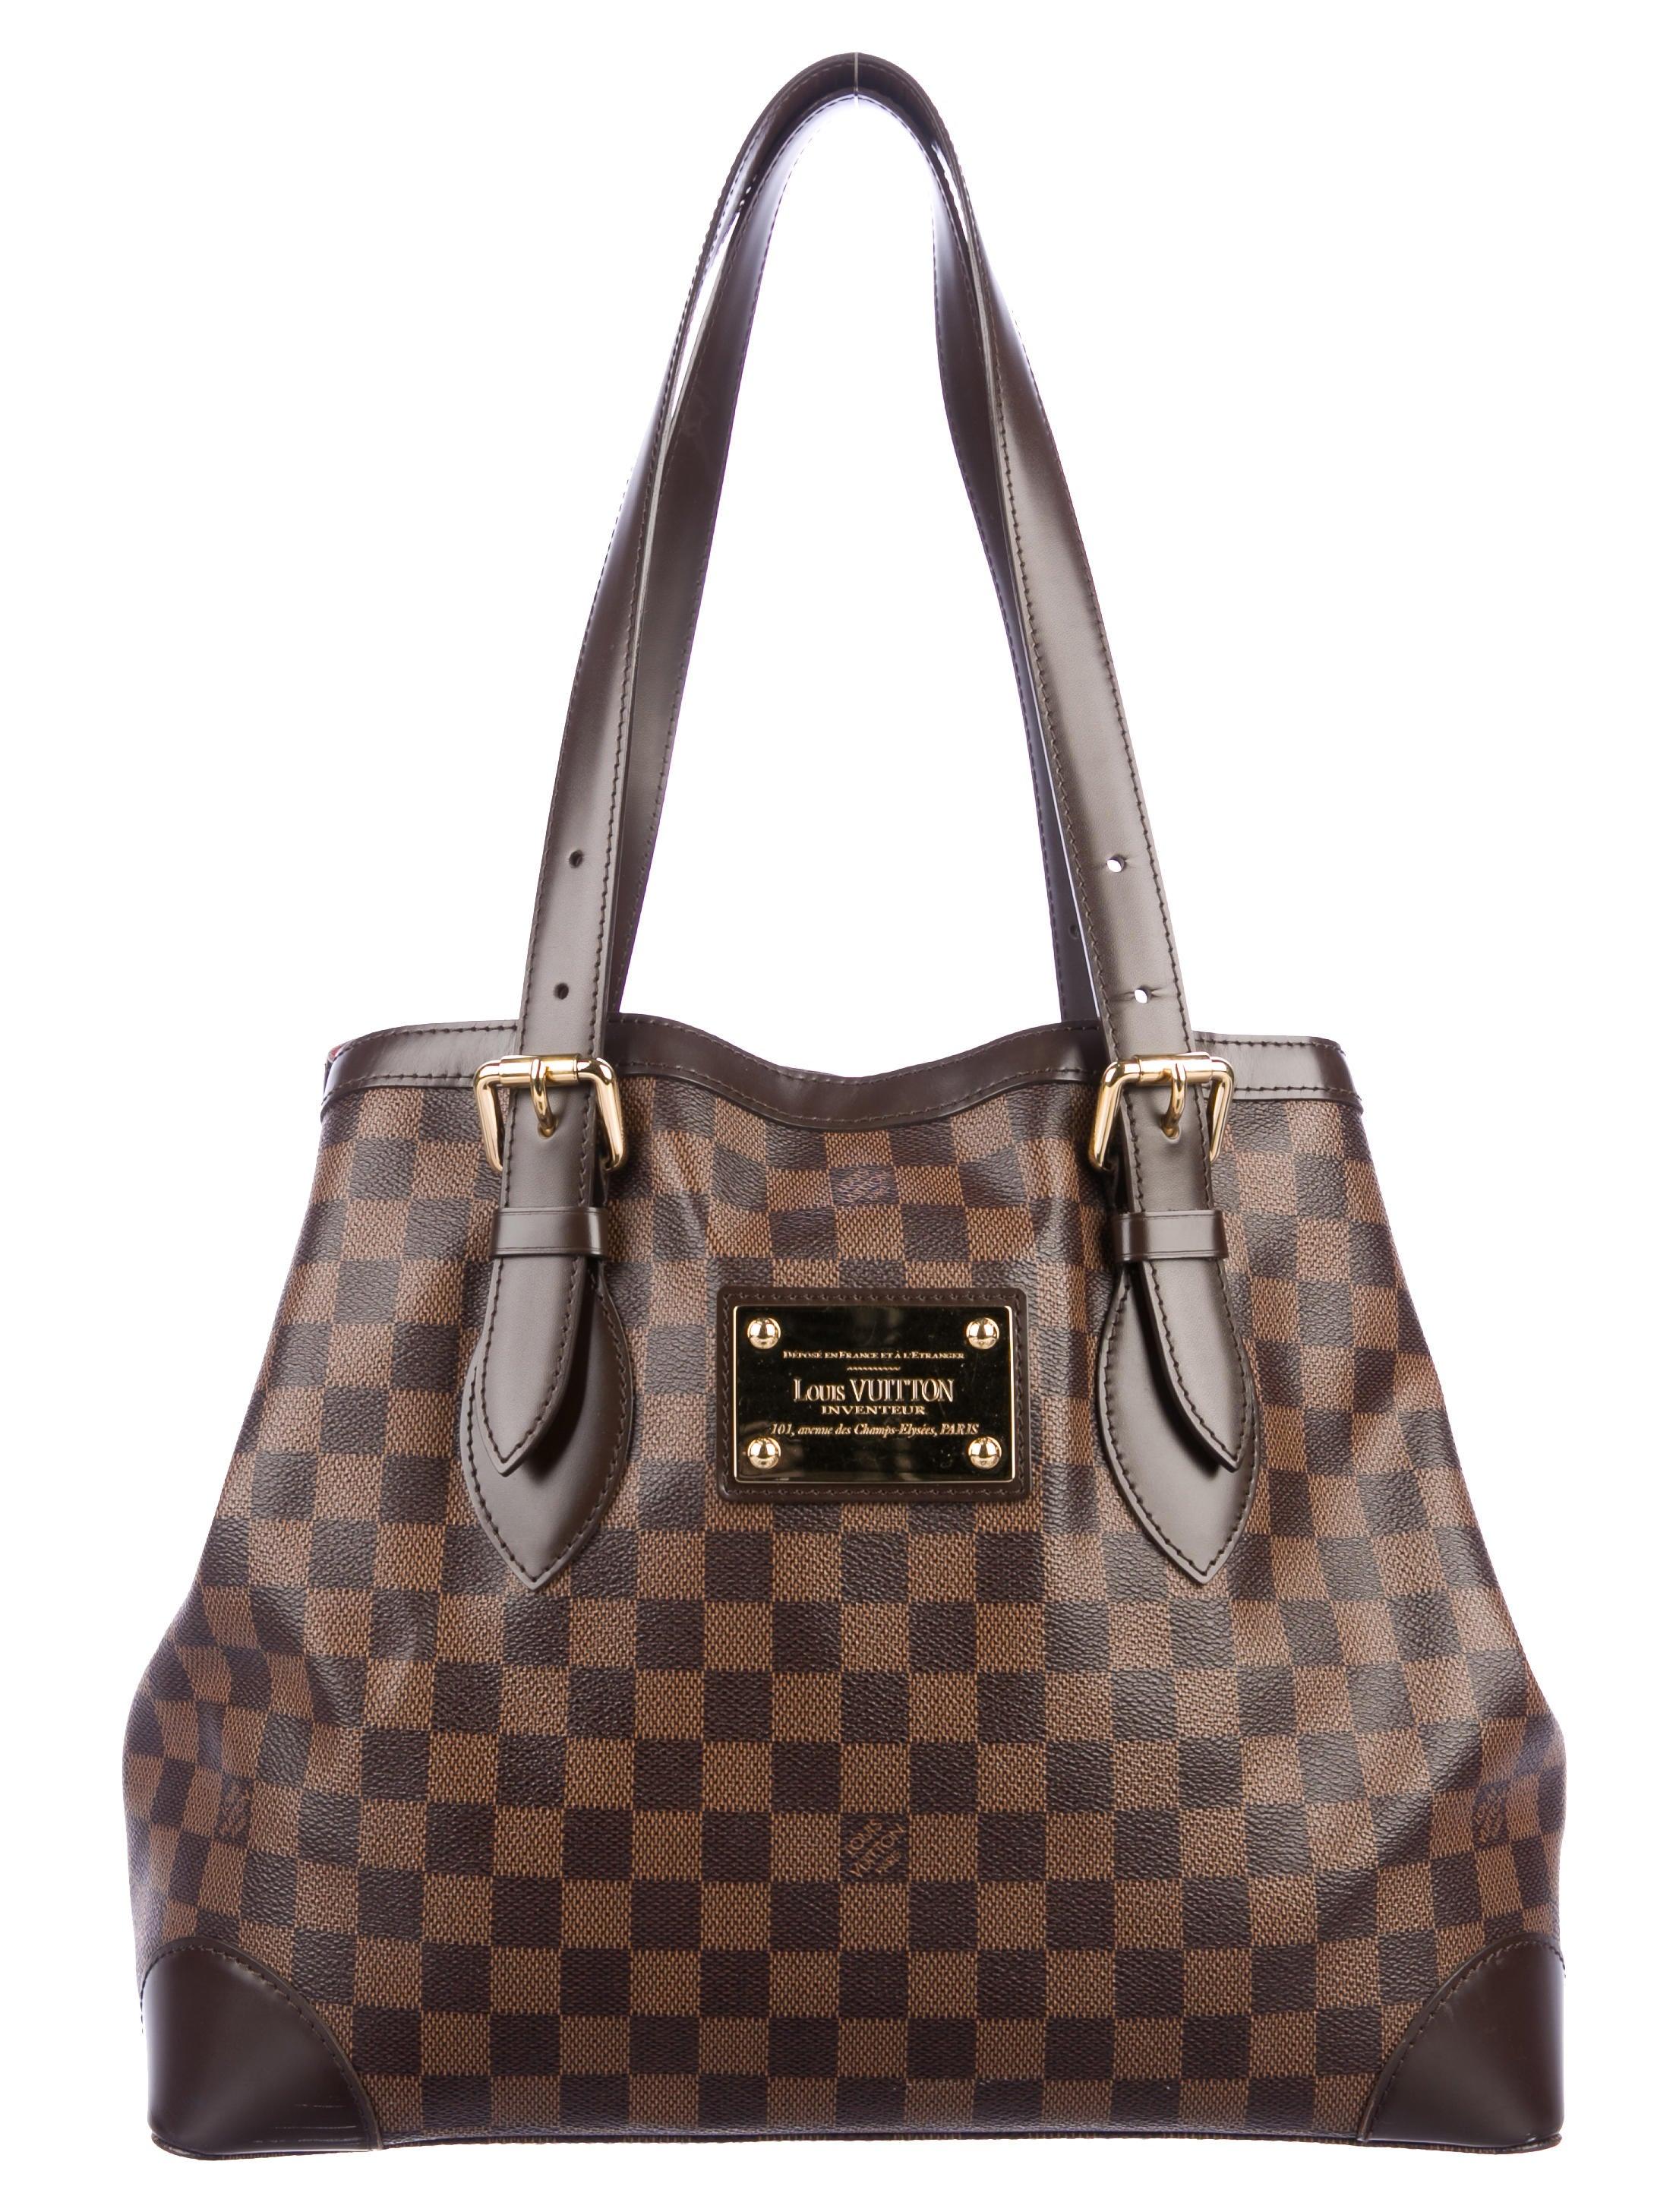 d36599d71172 Louis Vuitton Damier Ebene Hampstead MM - Handbags - LOU216255